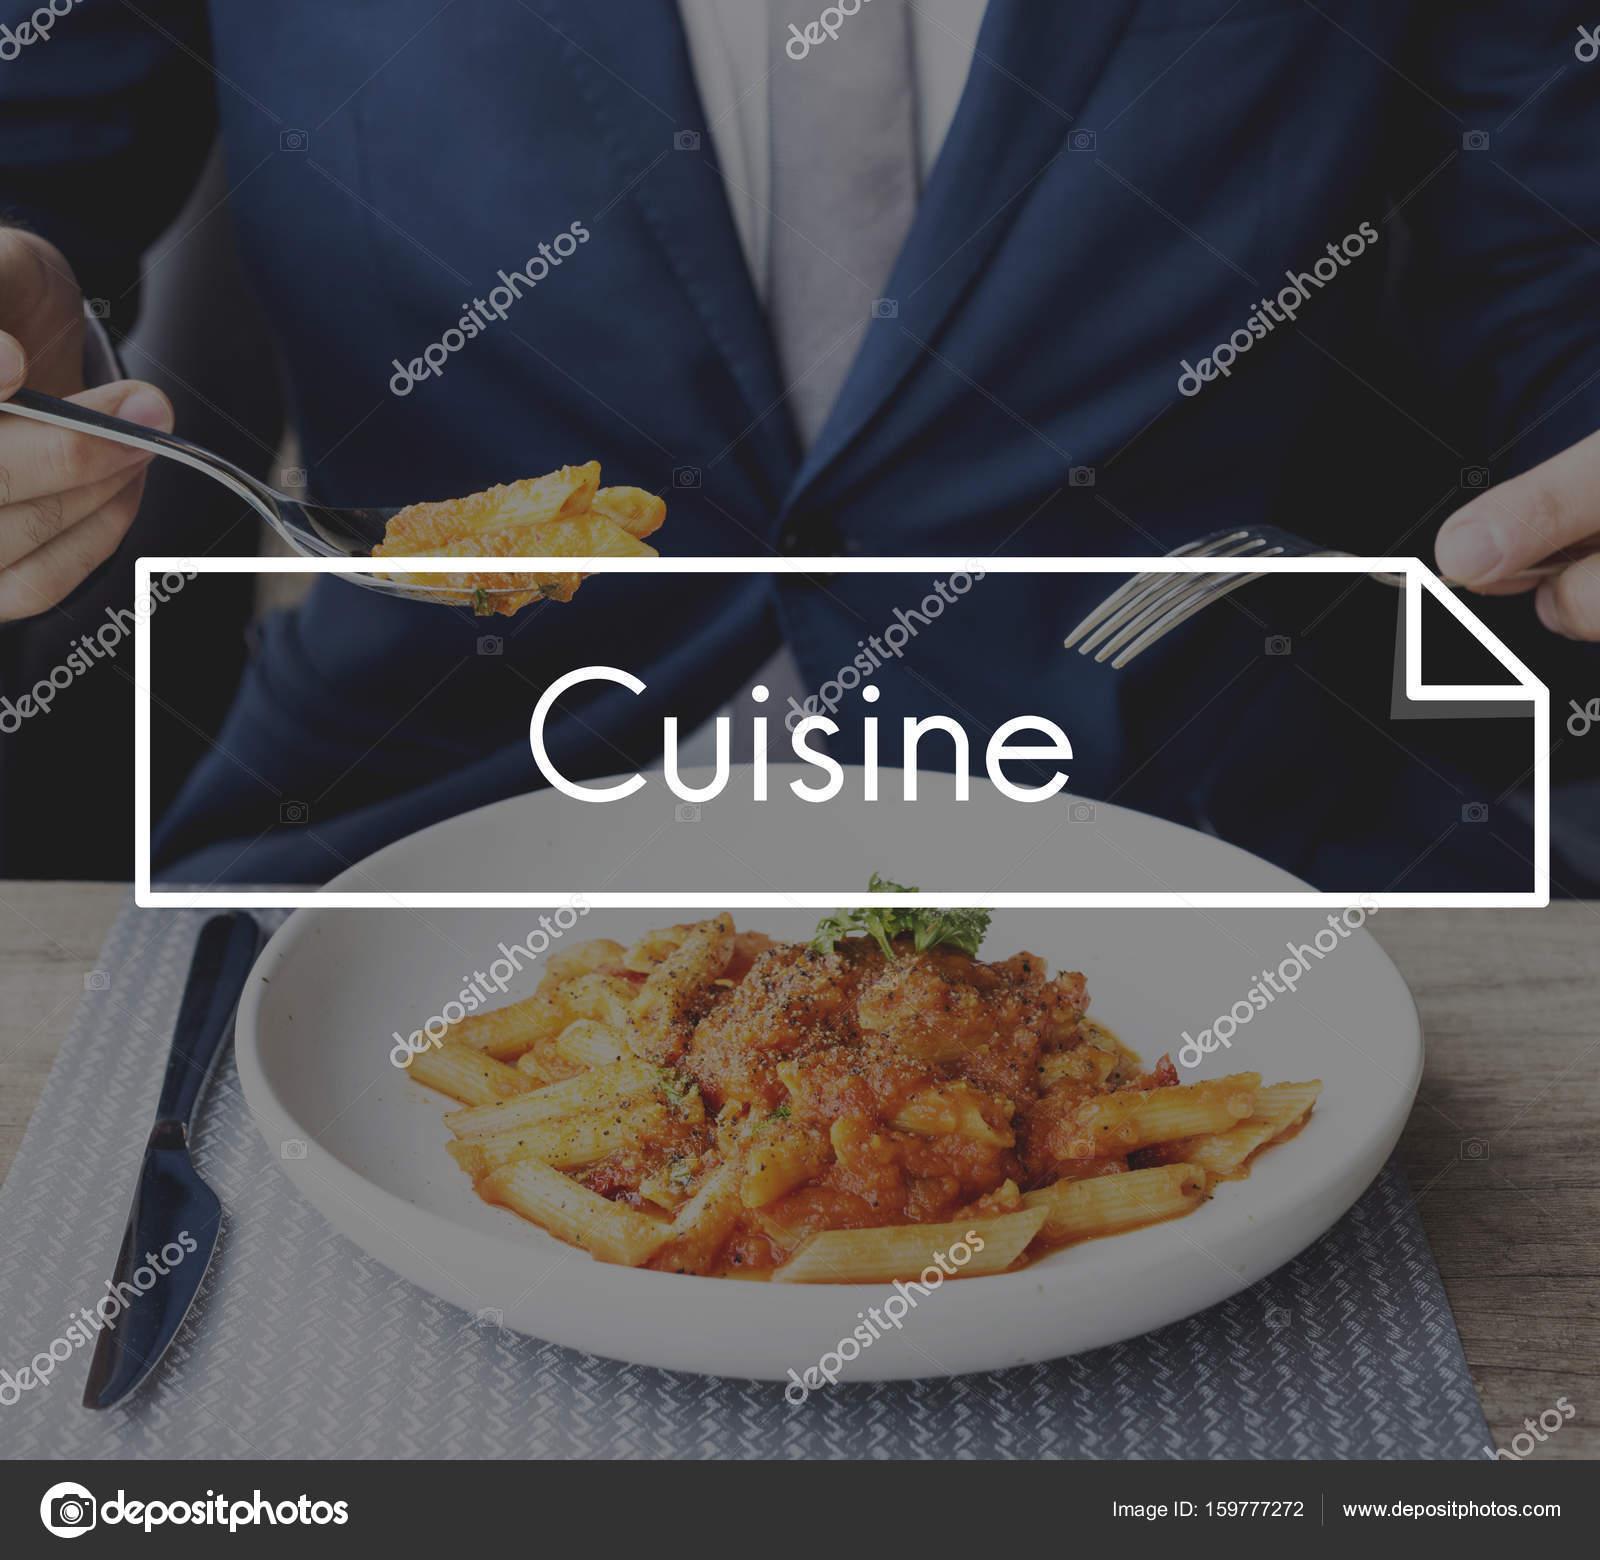 Kulinarische Küche | Kulinarische Kuche Essen Wort Stockfoto C Rawpixel 159777272